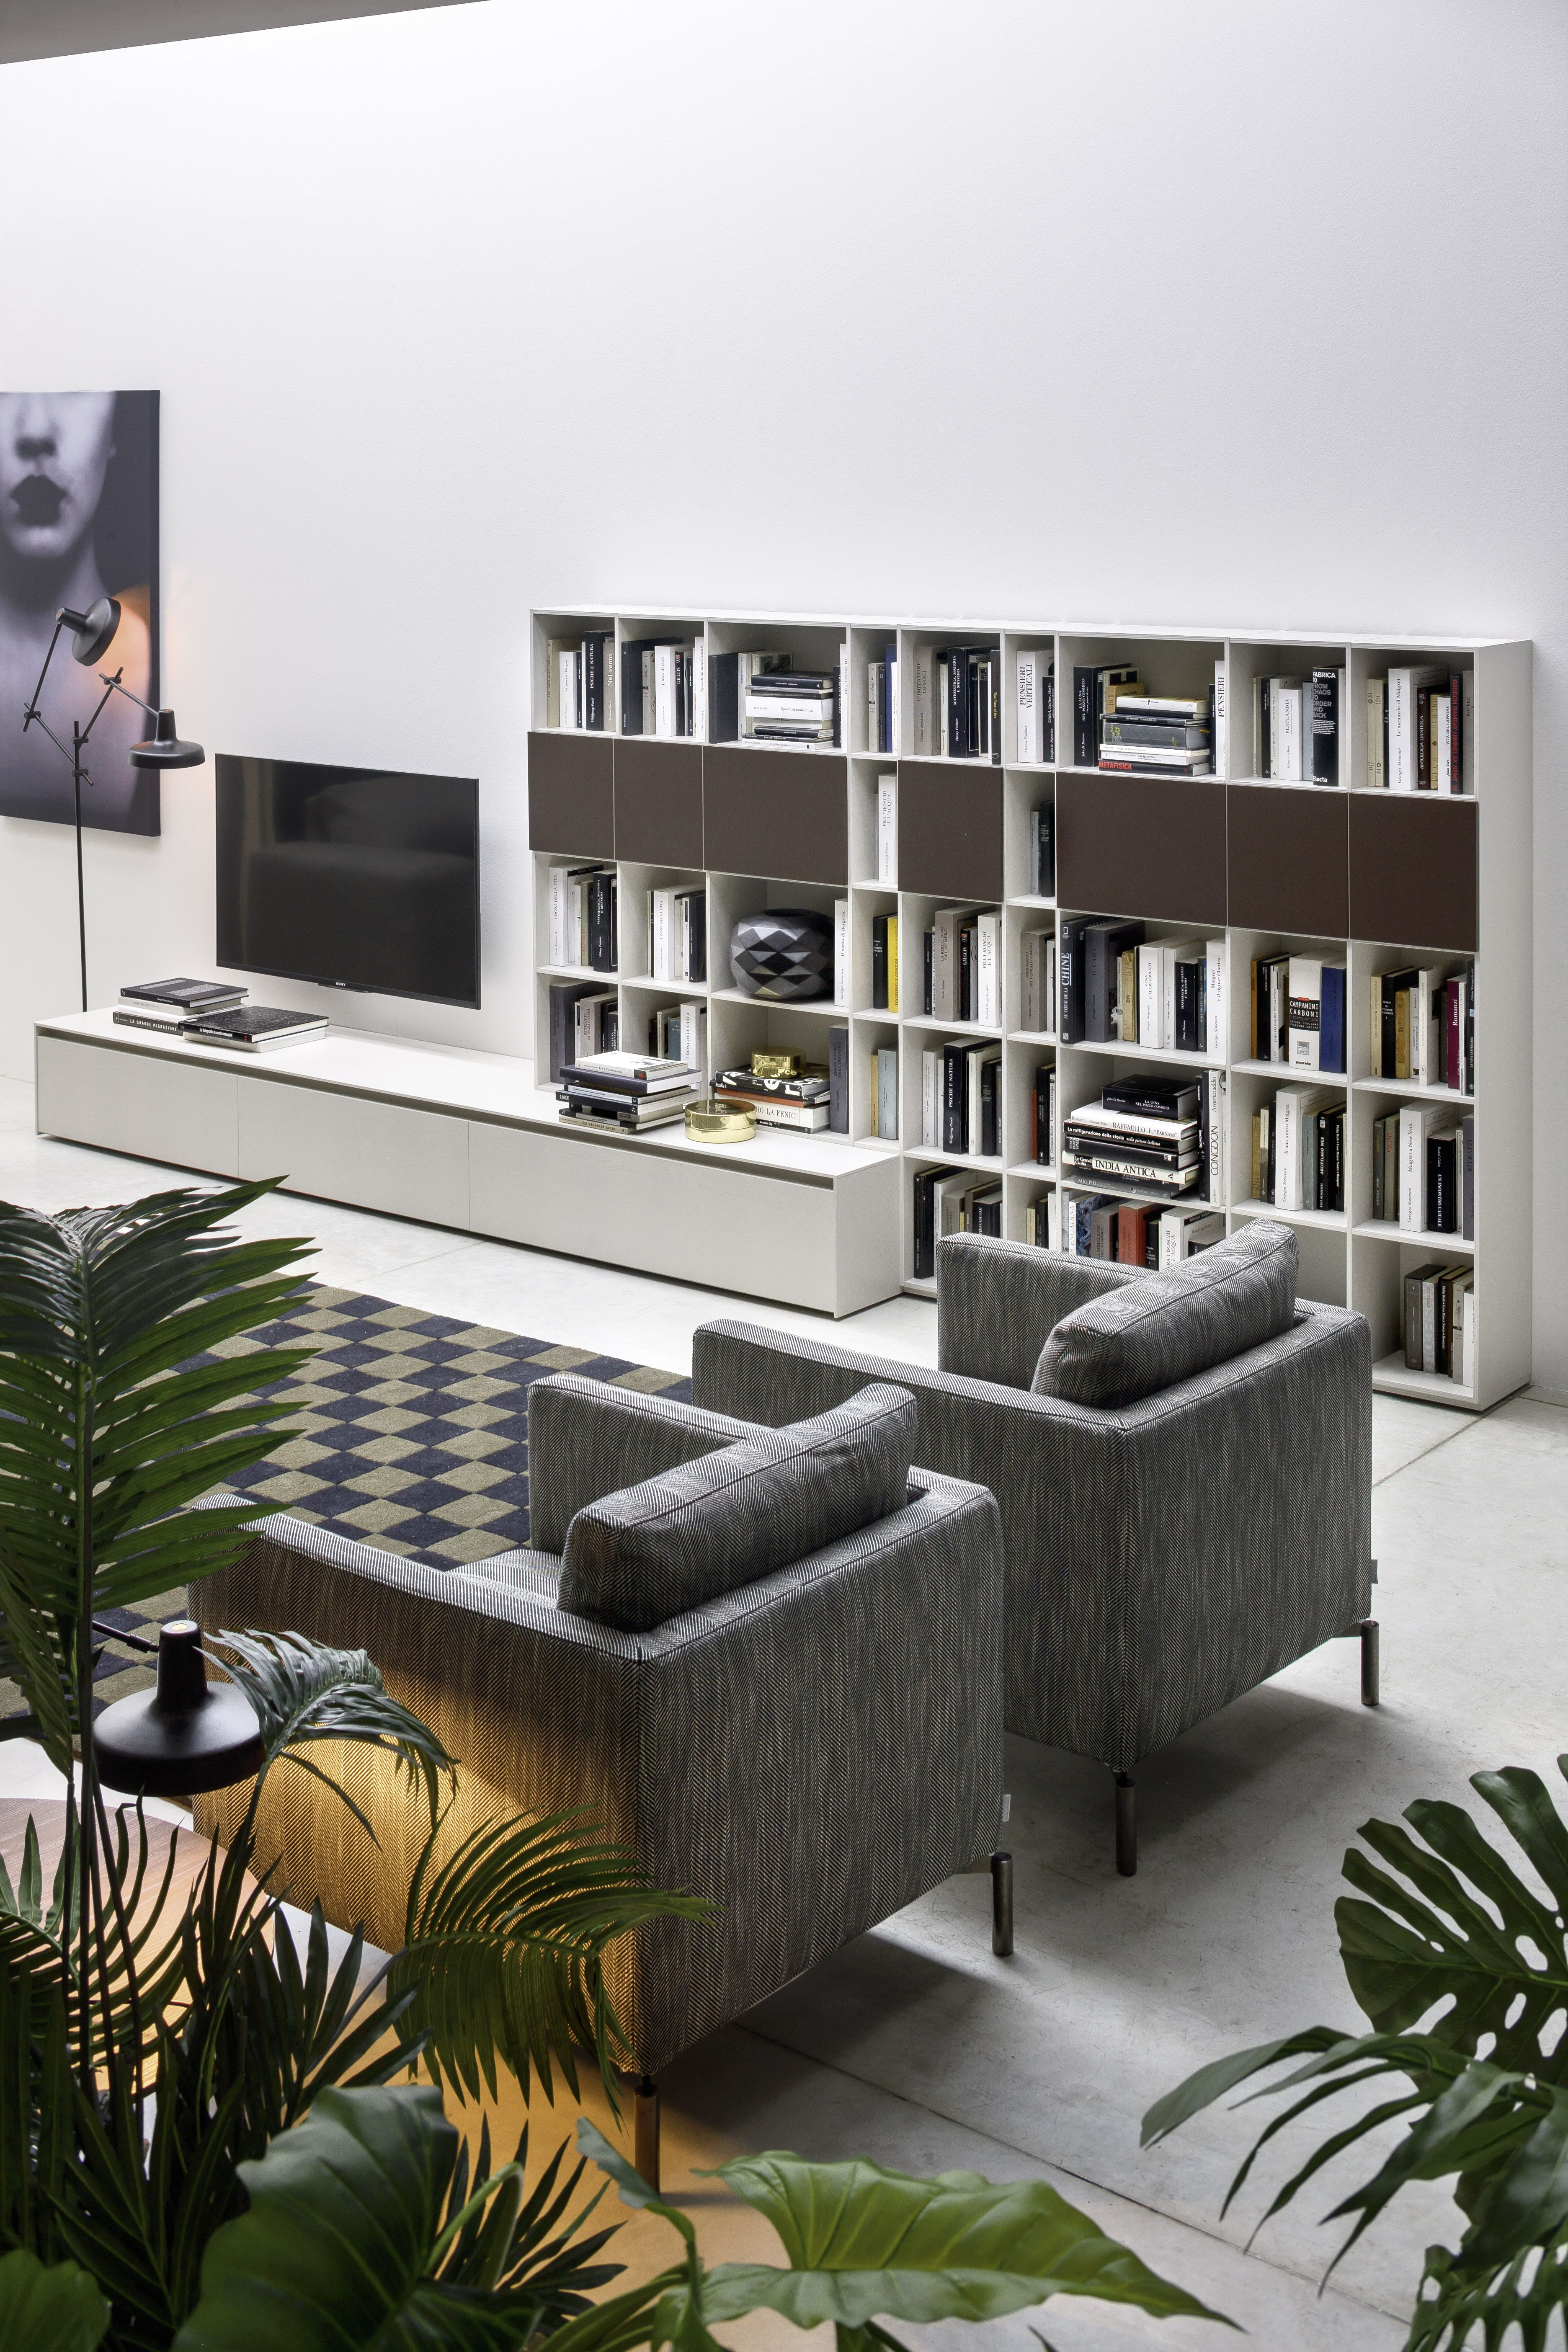 Gemütlich Wohnzimmer Mit Sessel Bücherregal Tv Lowboard Und Pflanzen Design Novamobili Italien Lowboard Gemütliches Wohnzimmer Wohnen